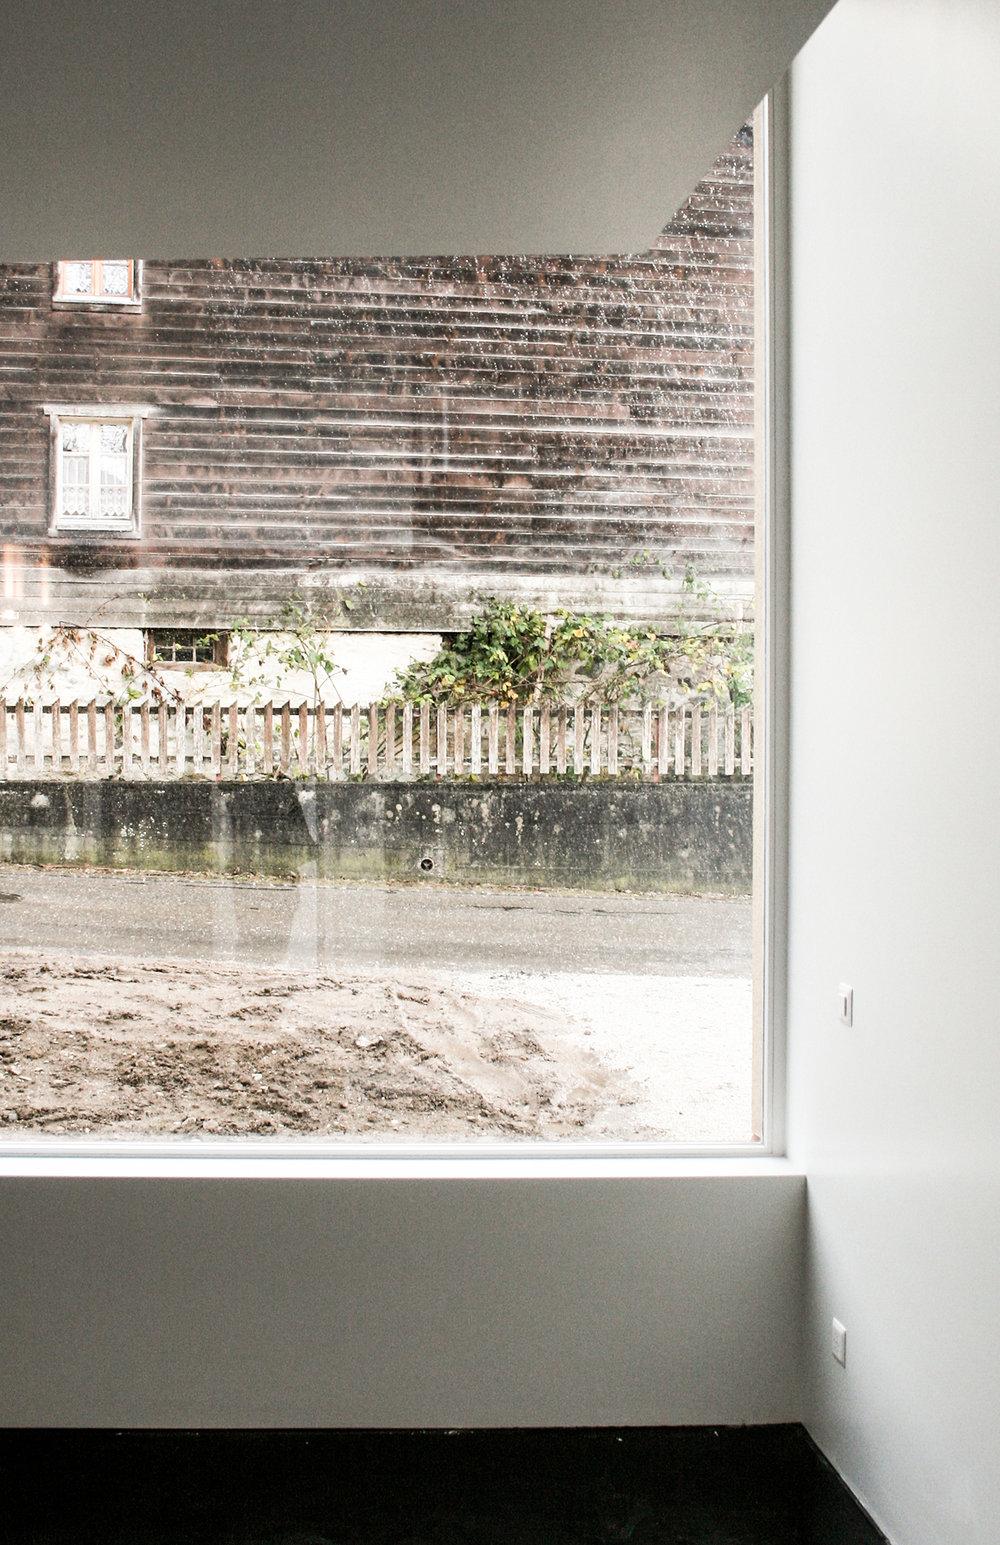 11BAL.04_Substances architectes lavaux Vevey Riex.jpg